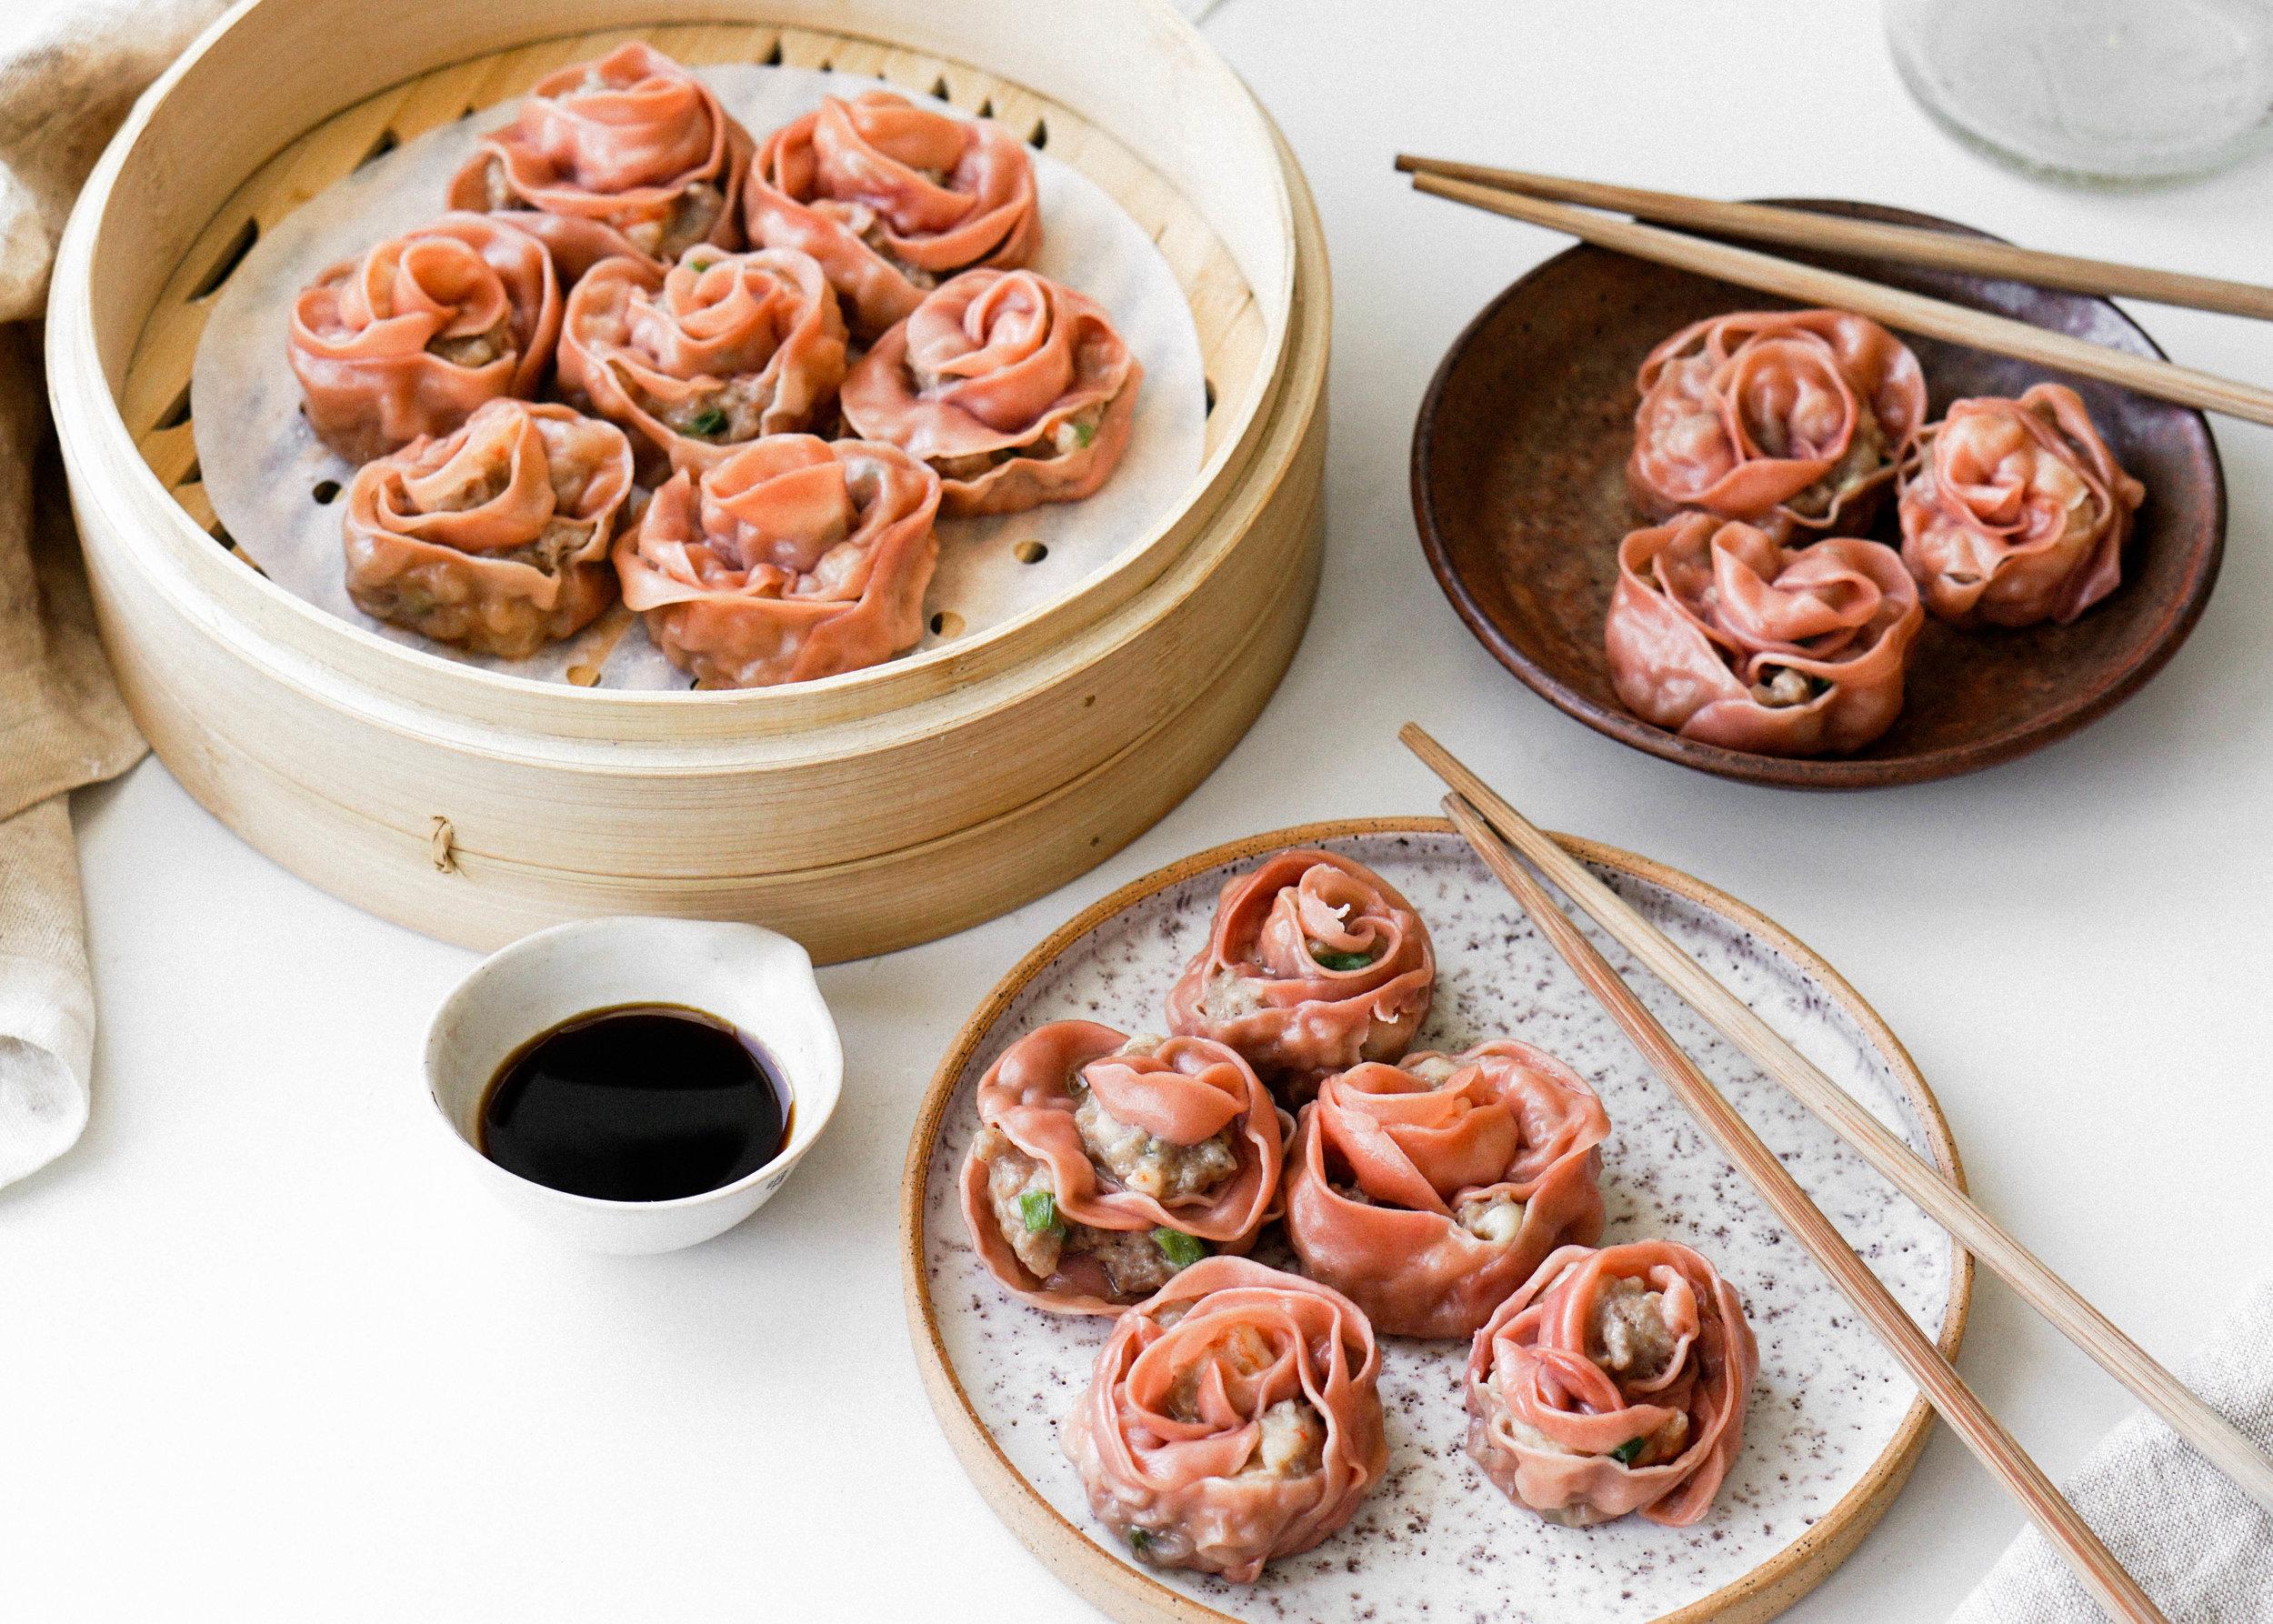 Pork and Shrimp Rose Siu Mai Dumplings https://eatchofood.com/blog/2019/2/1/rose-siu-mai